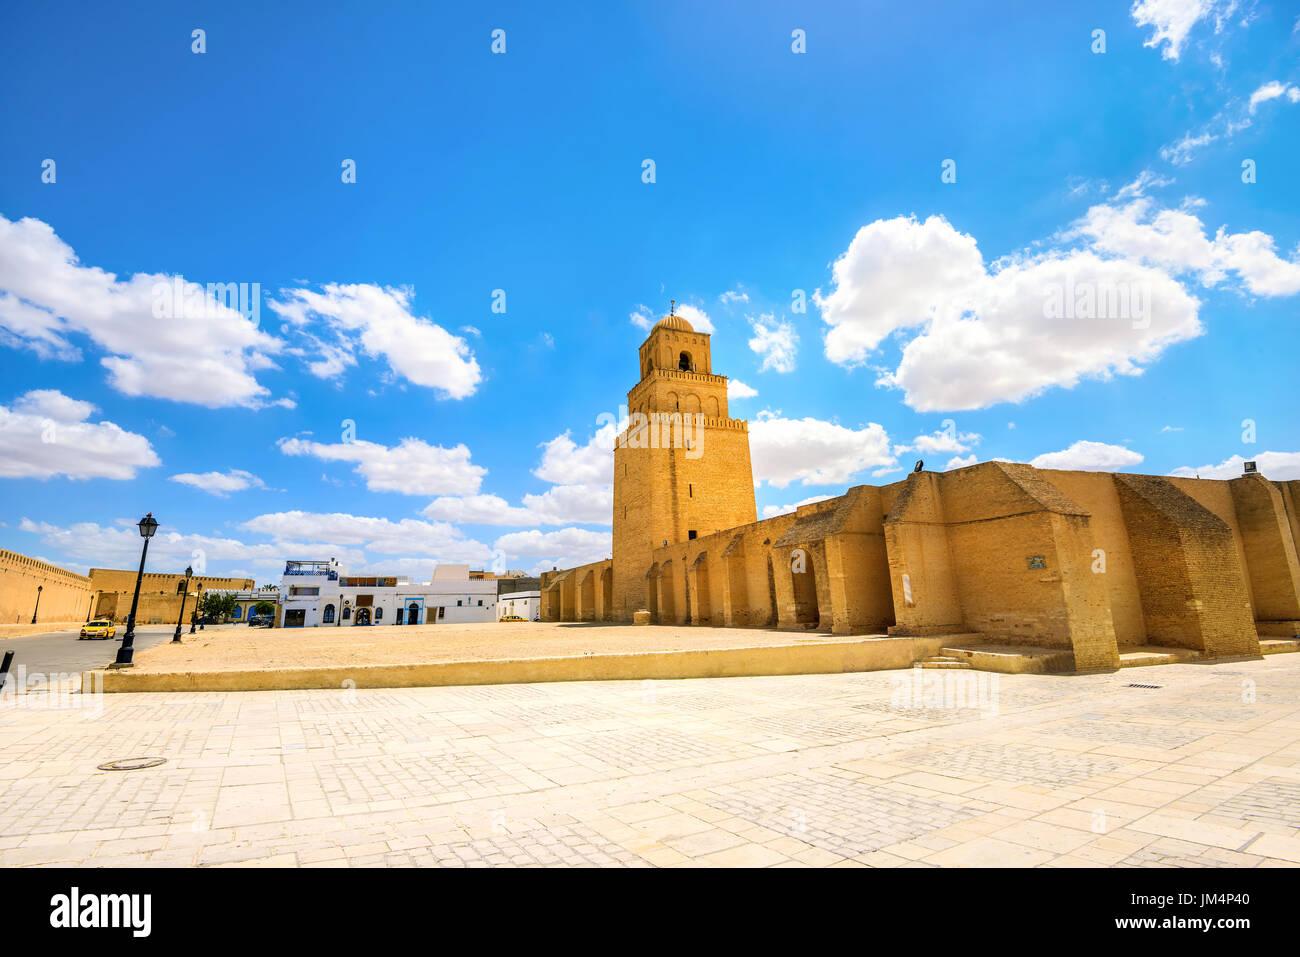 Blick auf die große Moschee in Kairouan. Tunesien, Nordafrika Stockbild